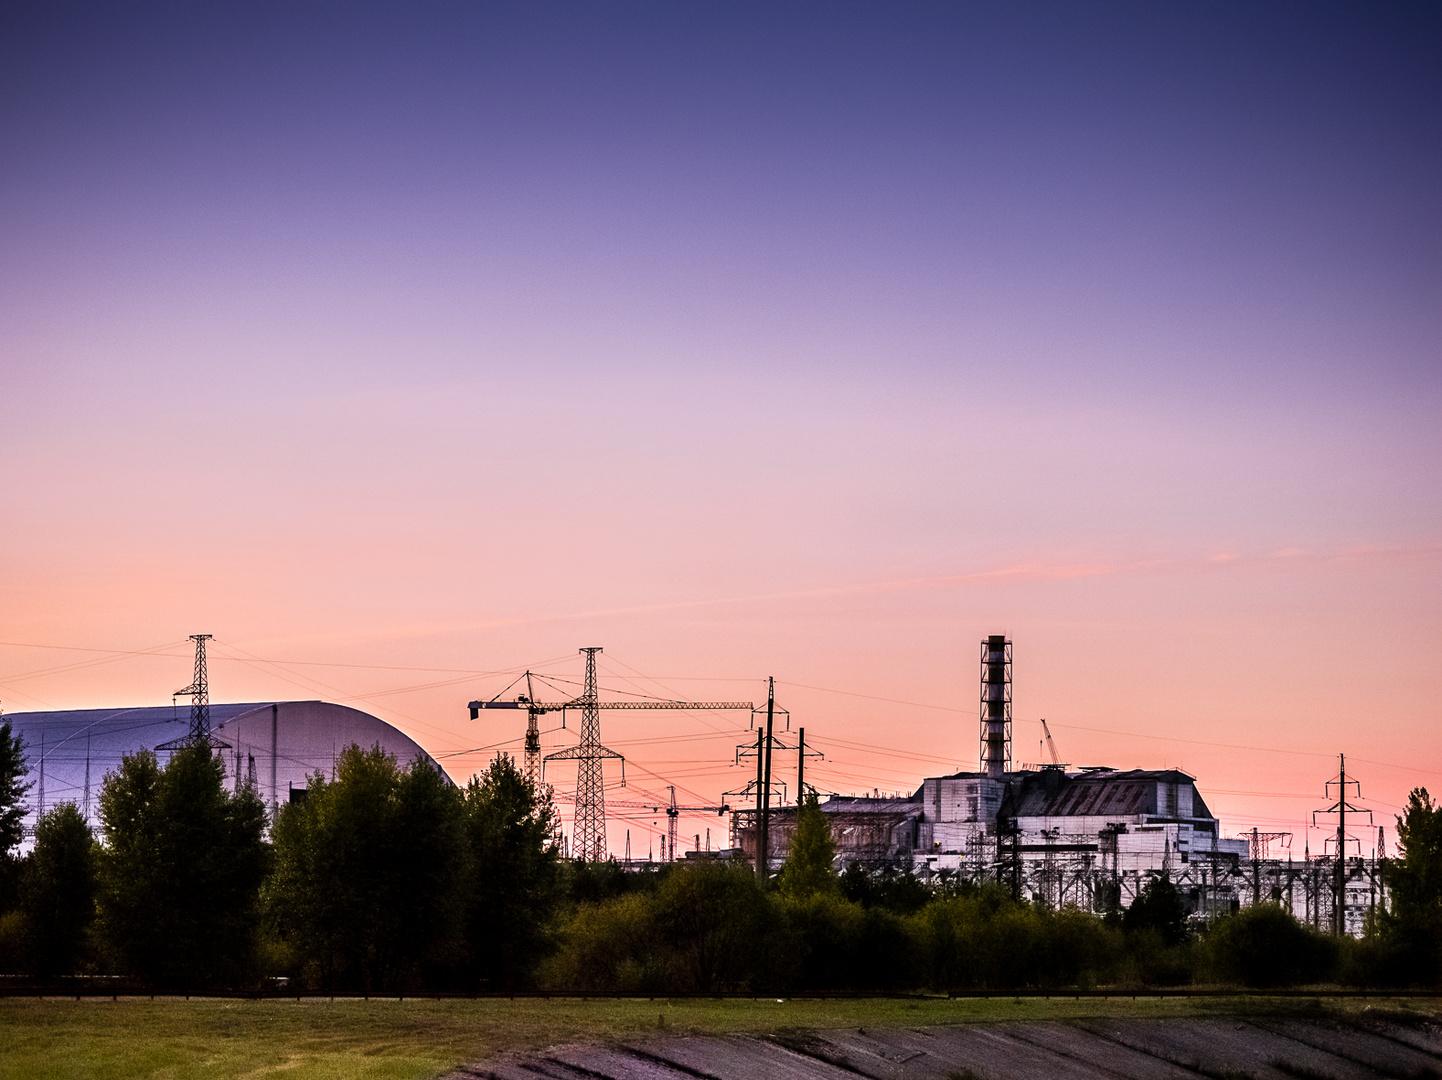 Sonnenuntergang in Chernobyl